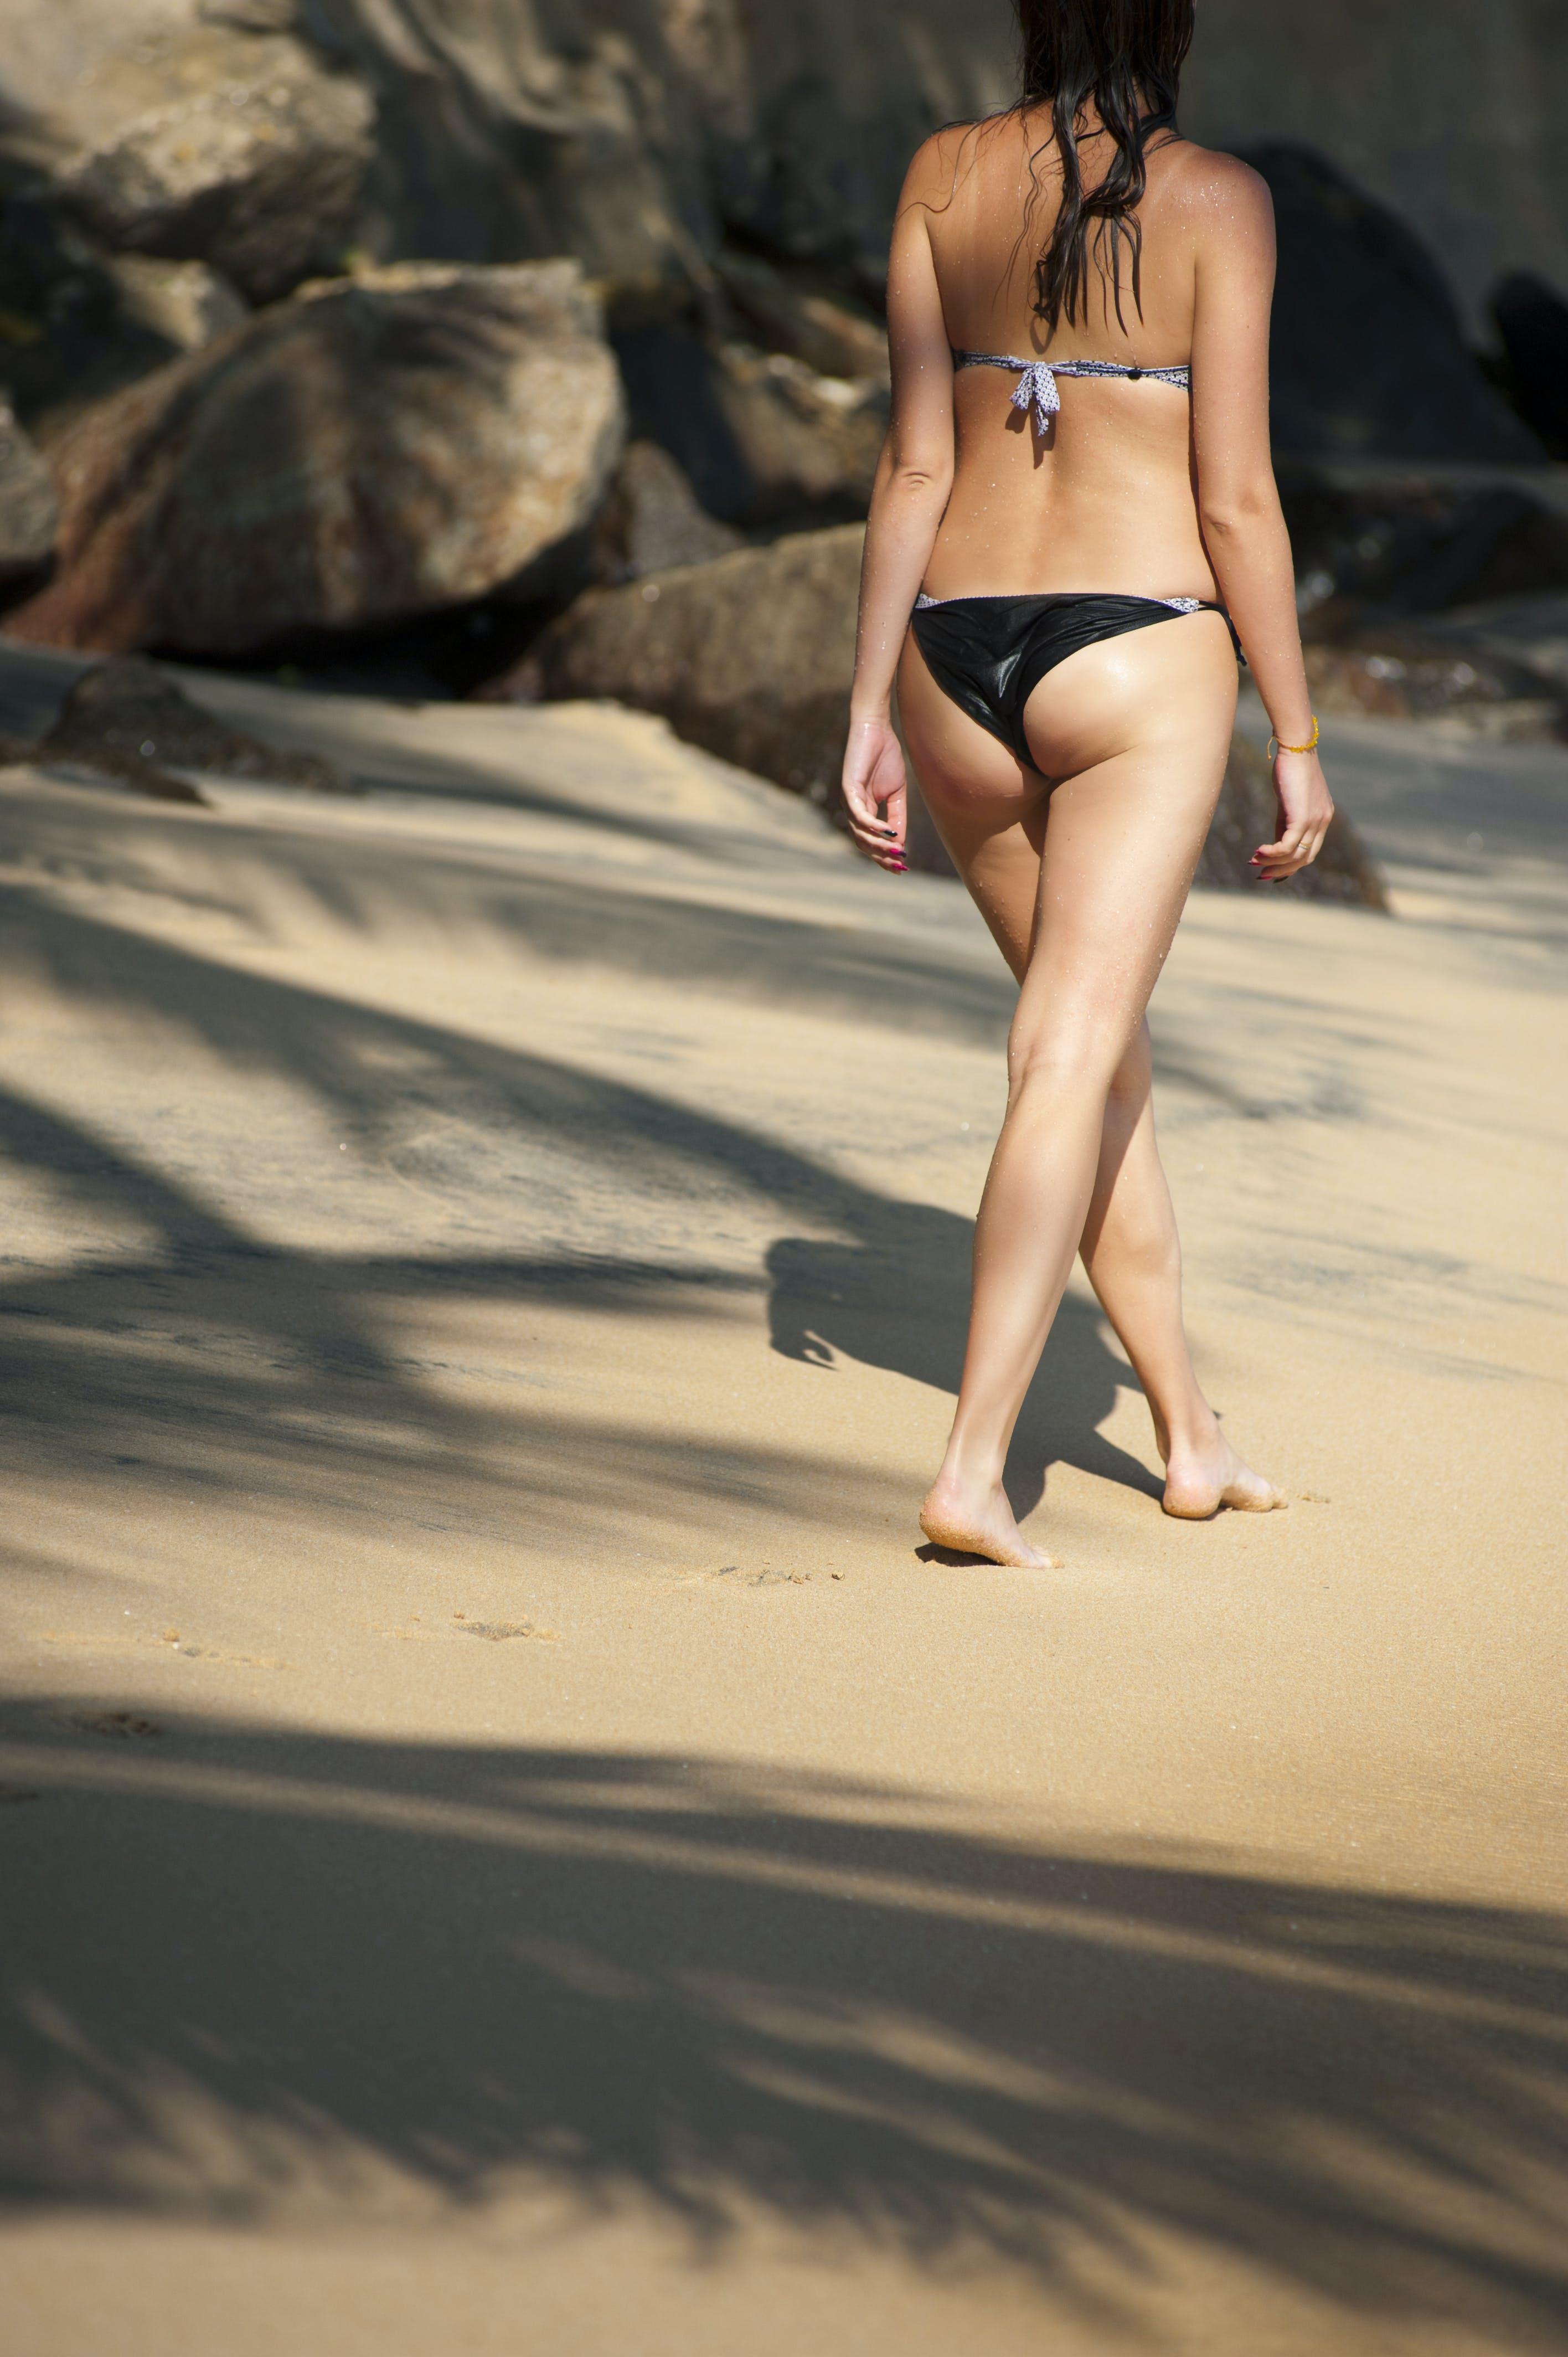 bayan, bikini, boş zaman, çekici içeren Ücretsiz stok fotoğraf